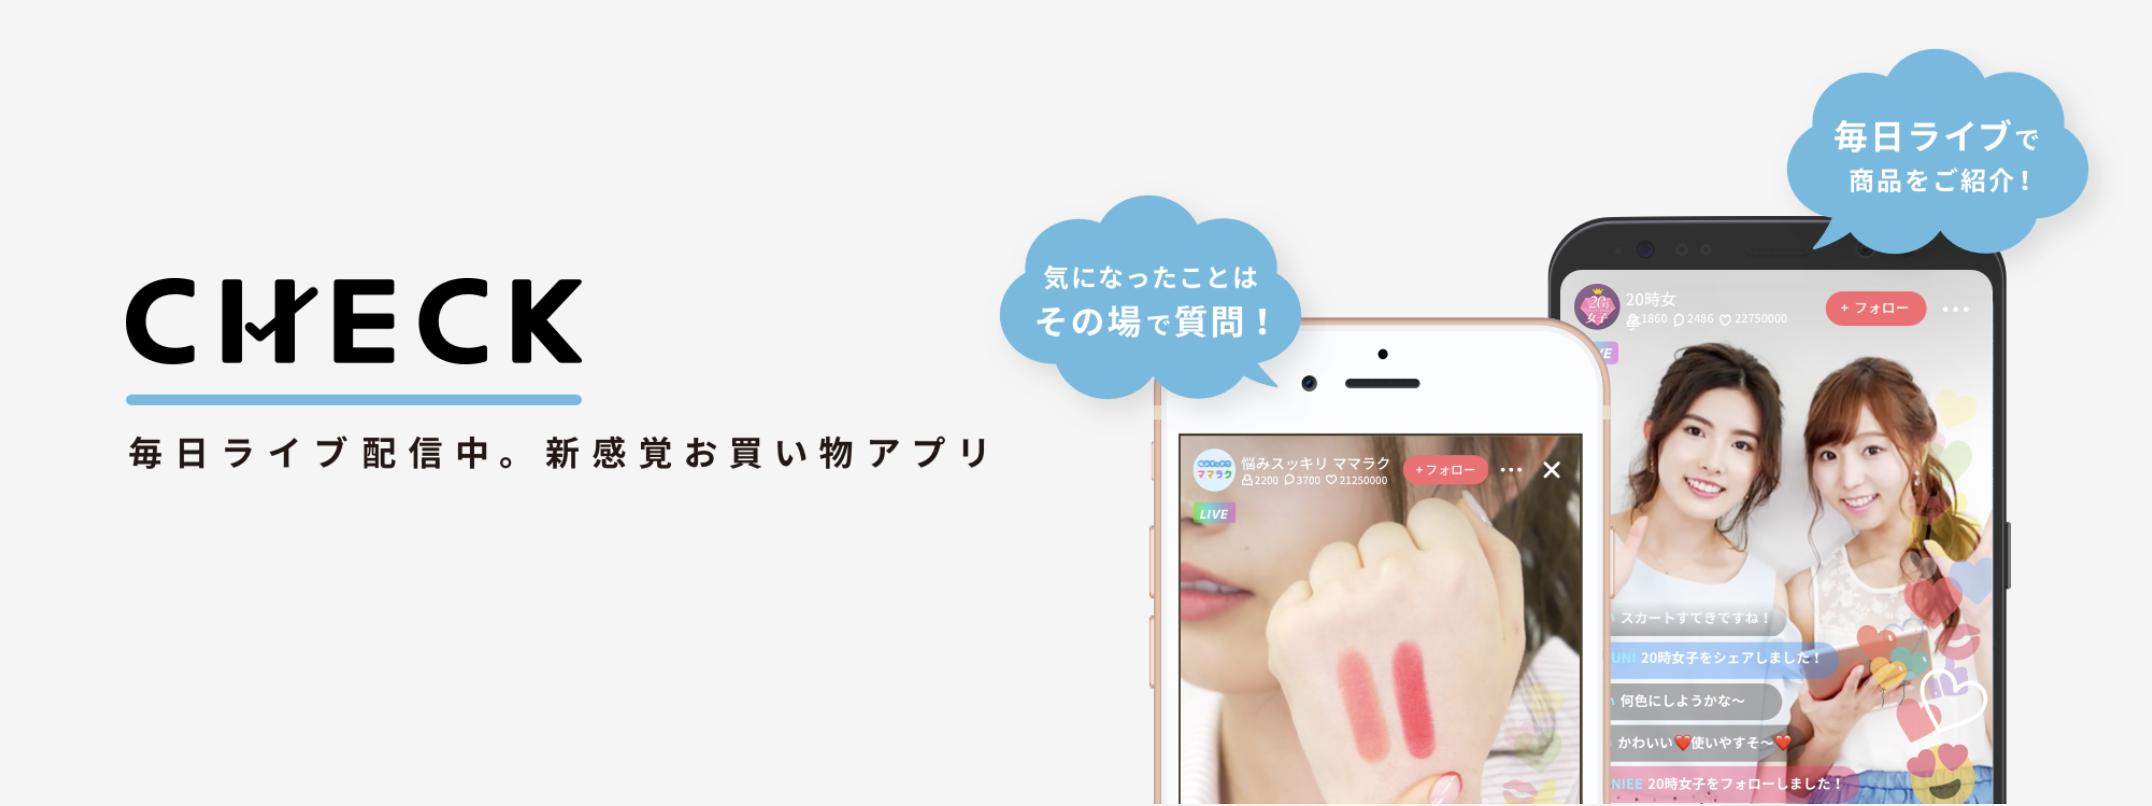 ライブコマースアプリ「CHECK」の立ち上げに参画